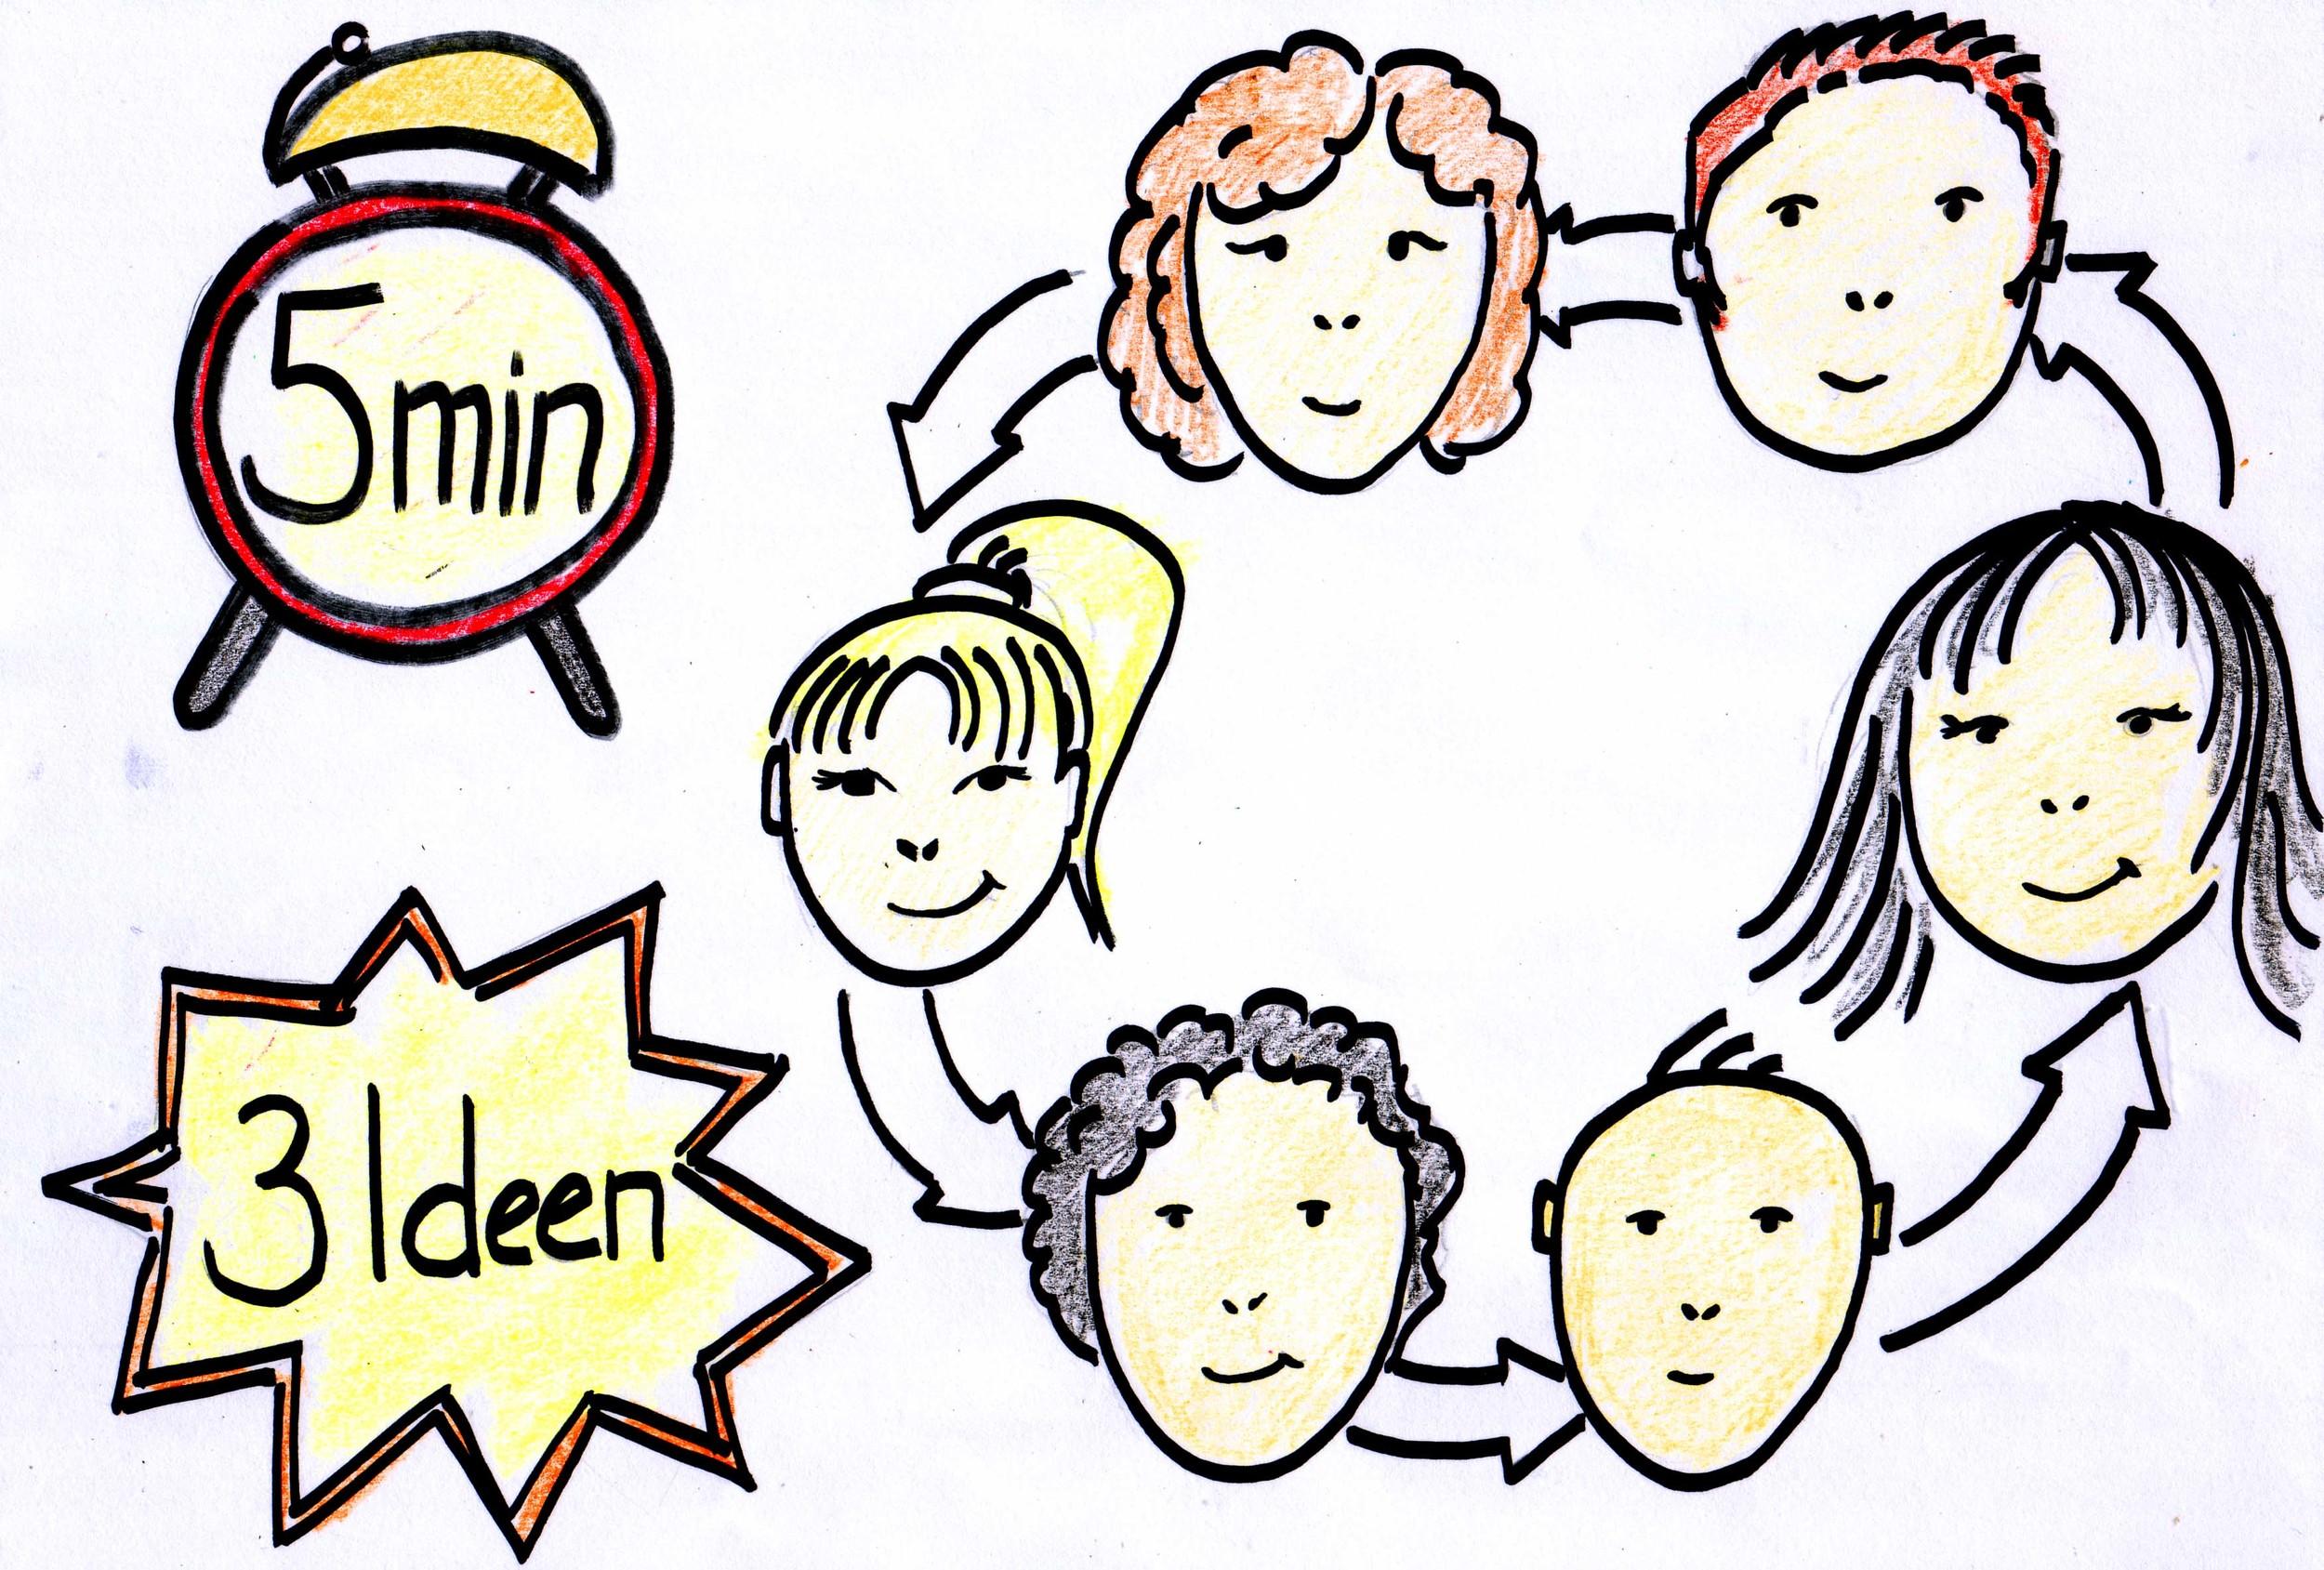 6 Teilnehmende - 3 Ideen - 5 Minuten